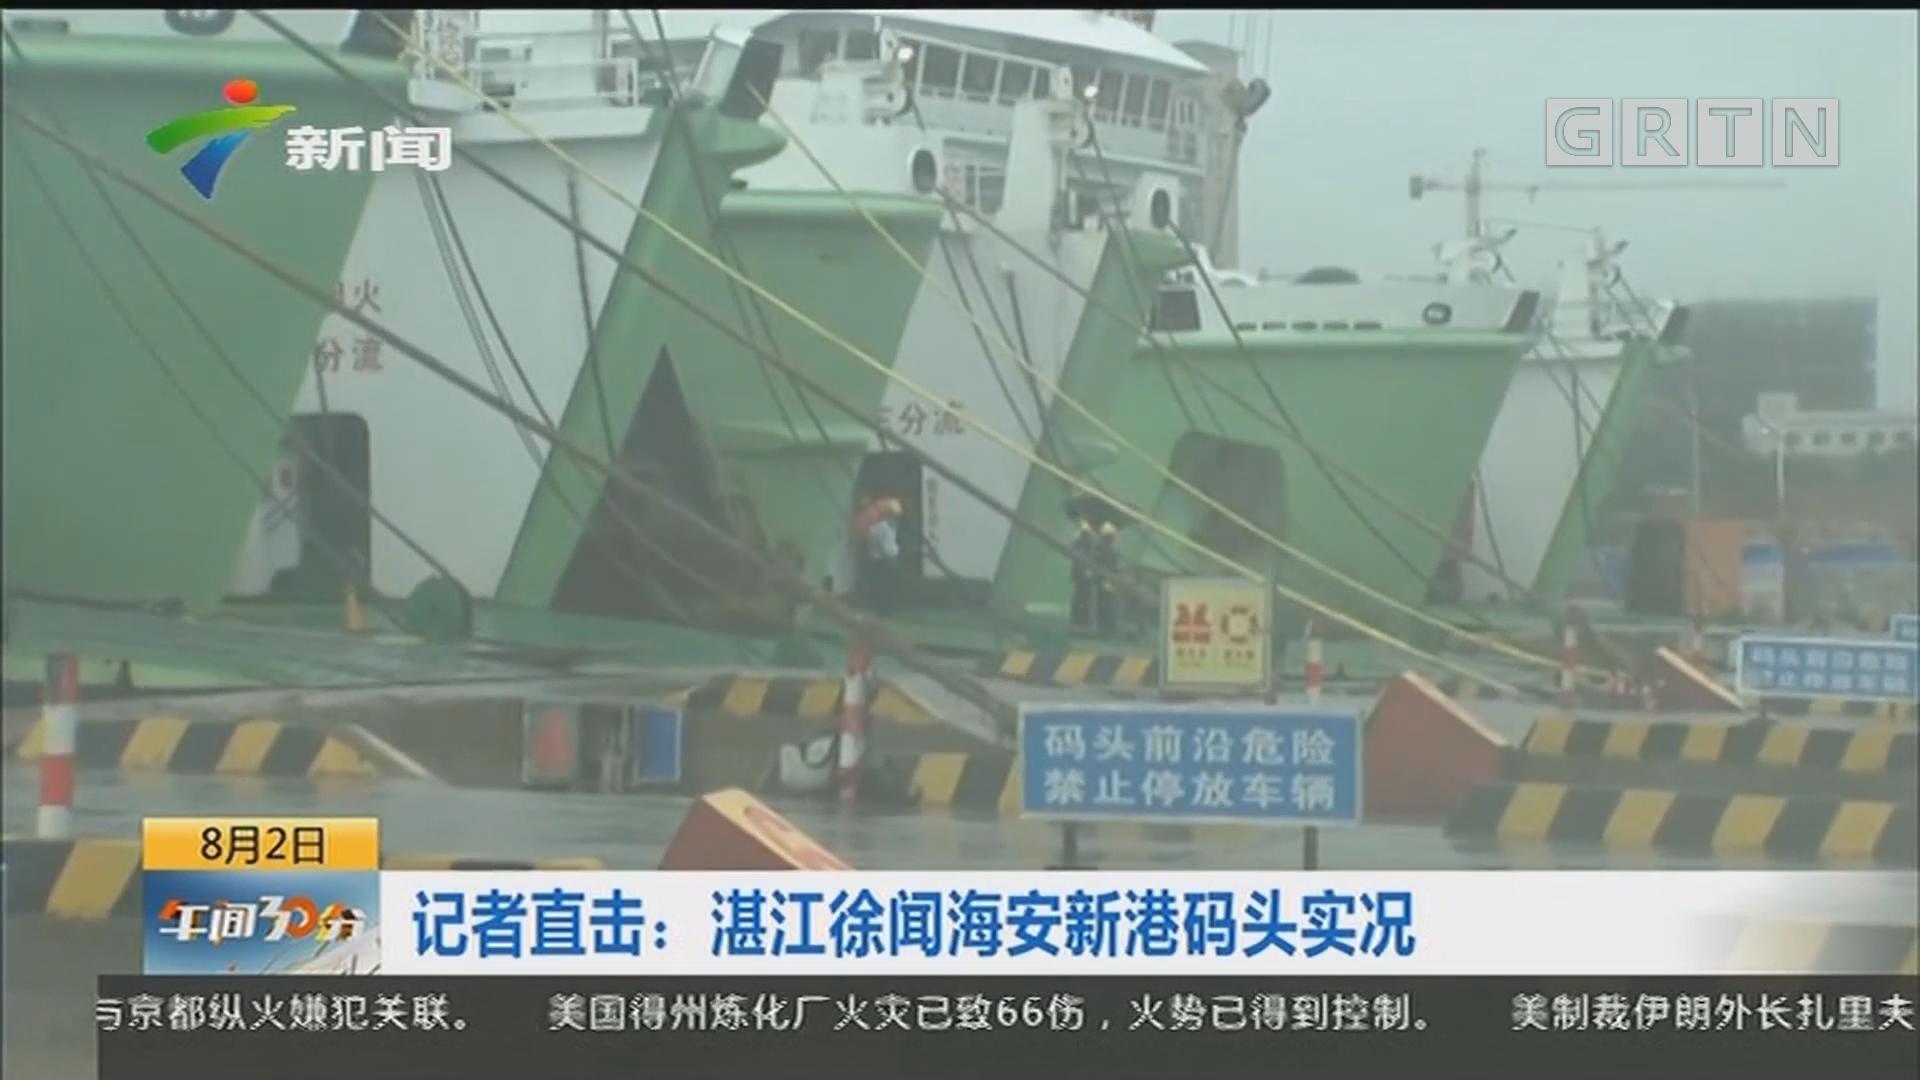 记者直击:湛江徐闻海安新港码头实况